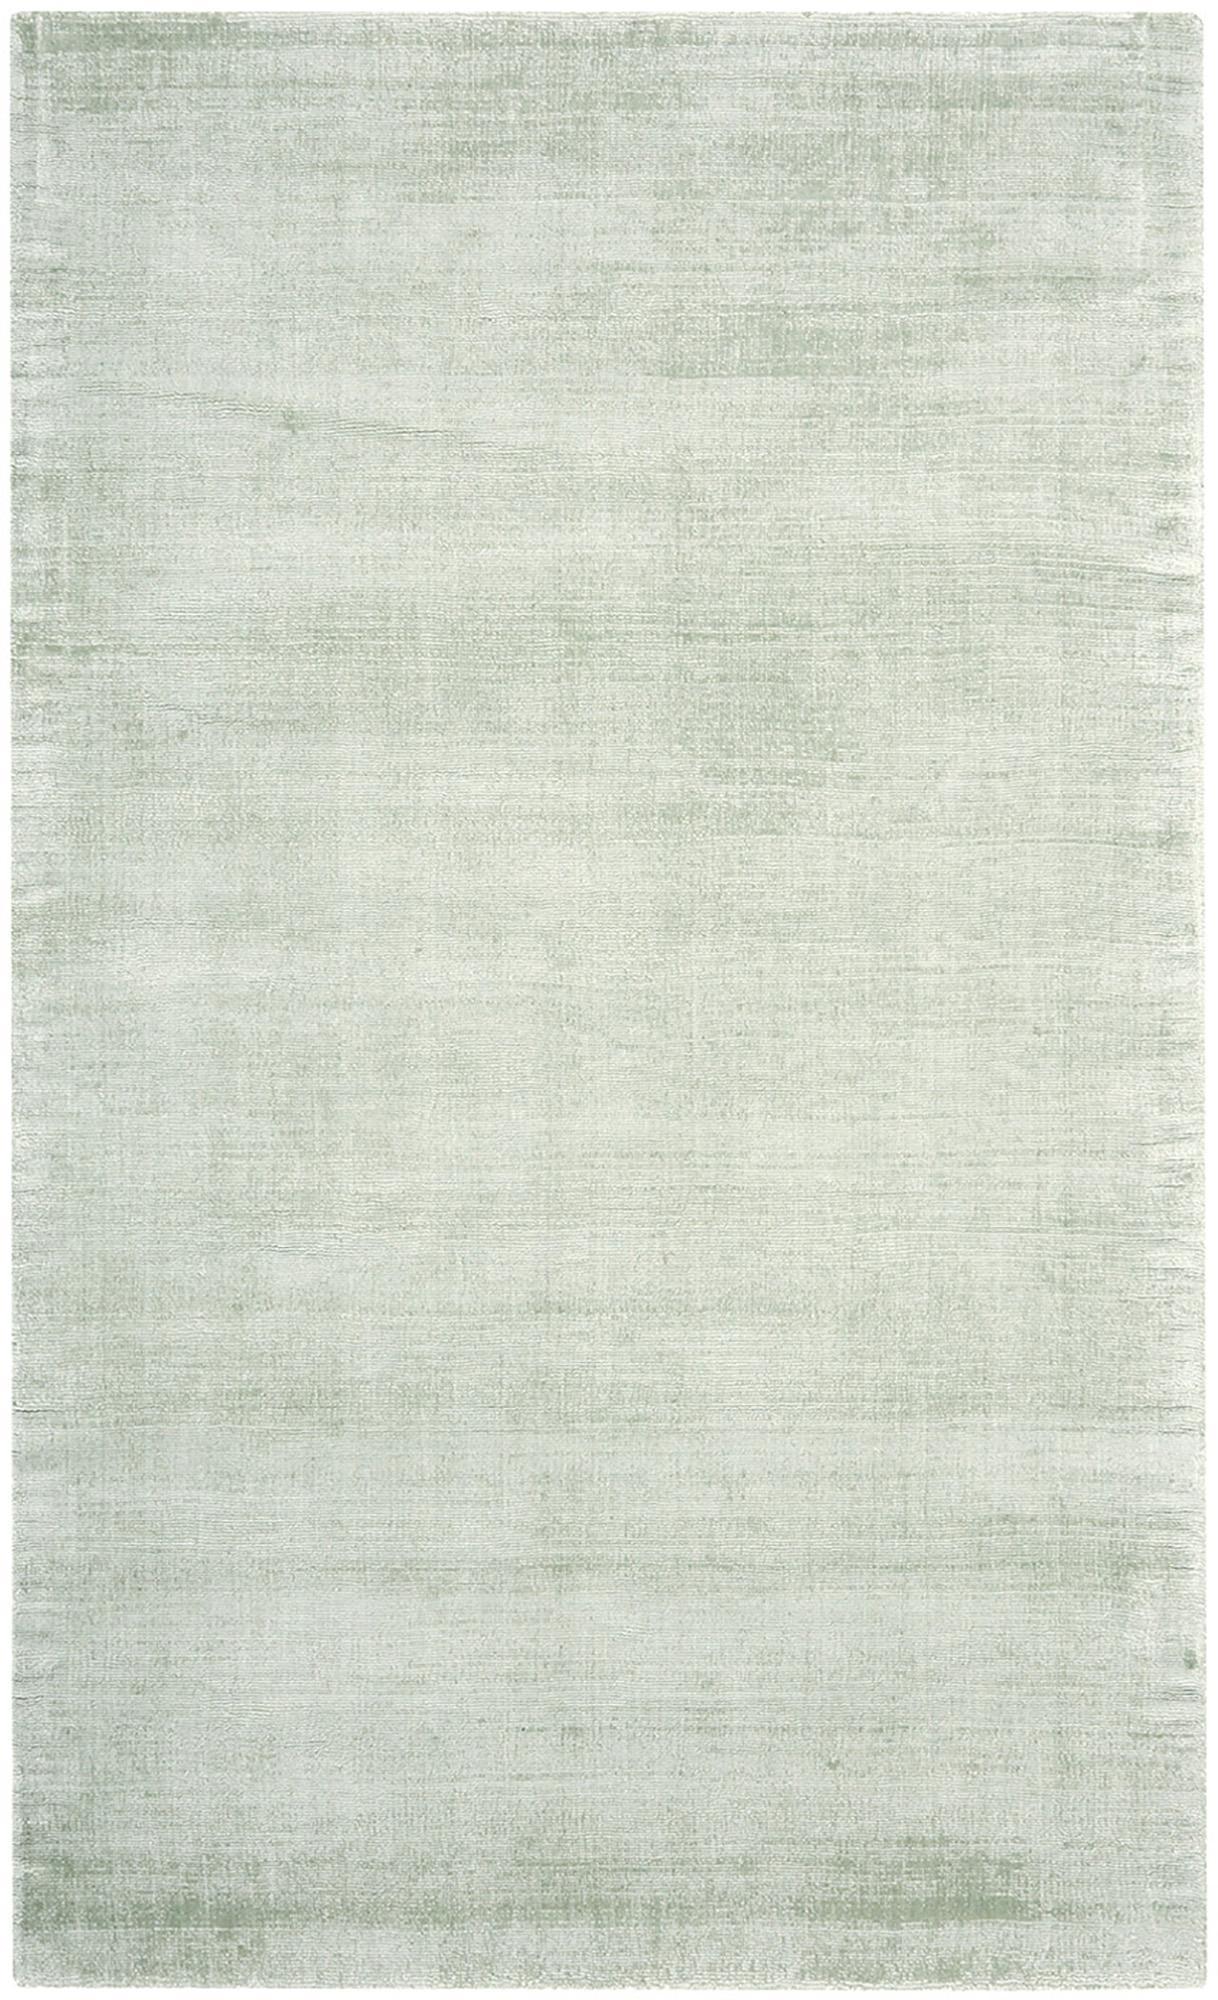 Tappeto in viscosa tessuto a mano Jane, Retro: 100% cotone, Verde menta, Larg. 90 x Lung. 150 cm (taglia XS)